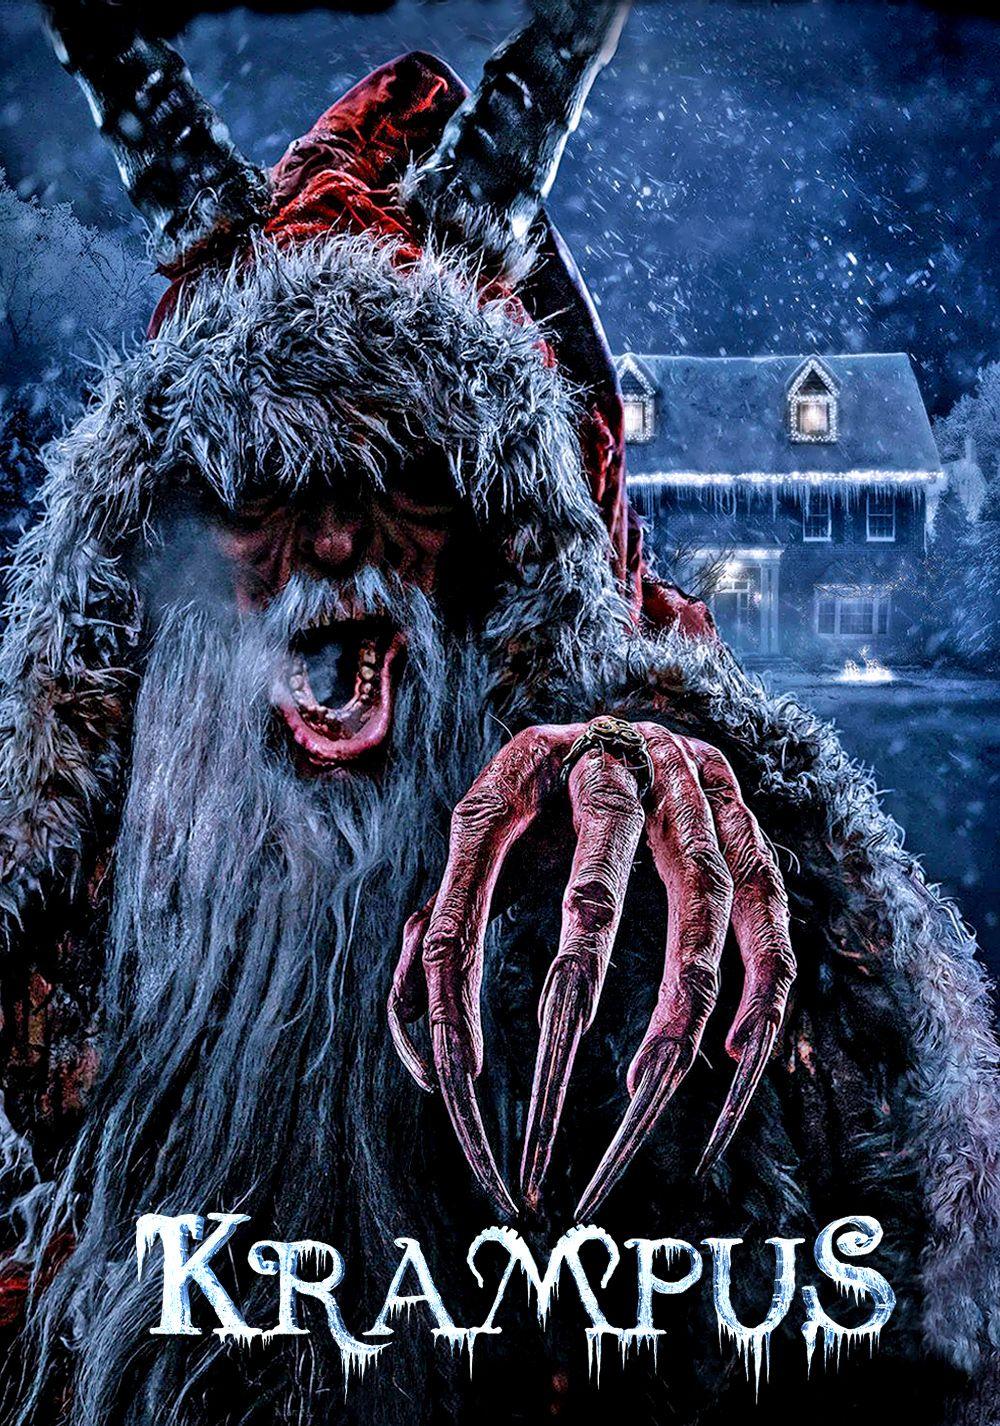 ภาพยนตร์ Krampus (2015) แครมปัส ปีศาจแสบป่วนวันหรรษา